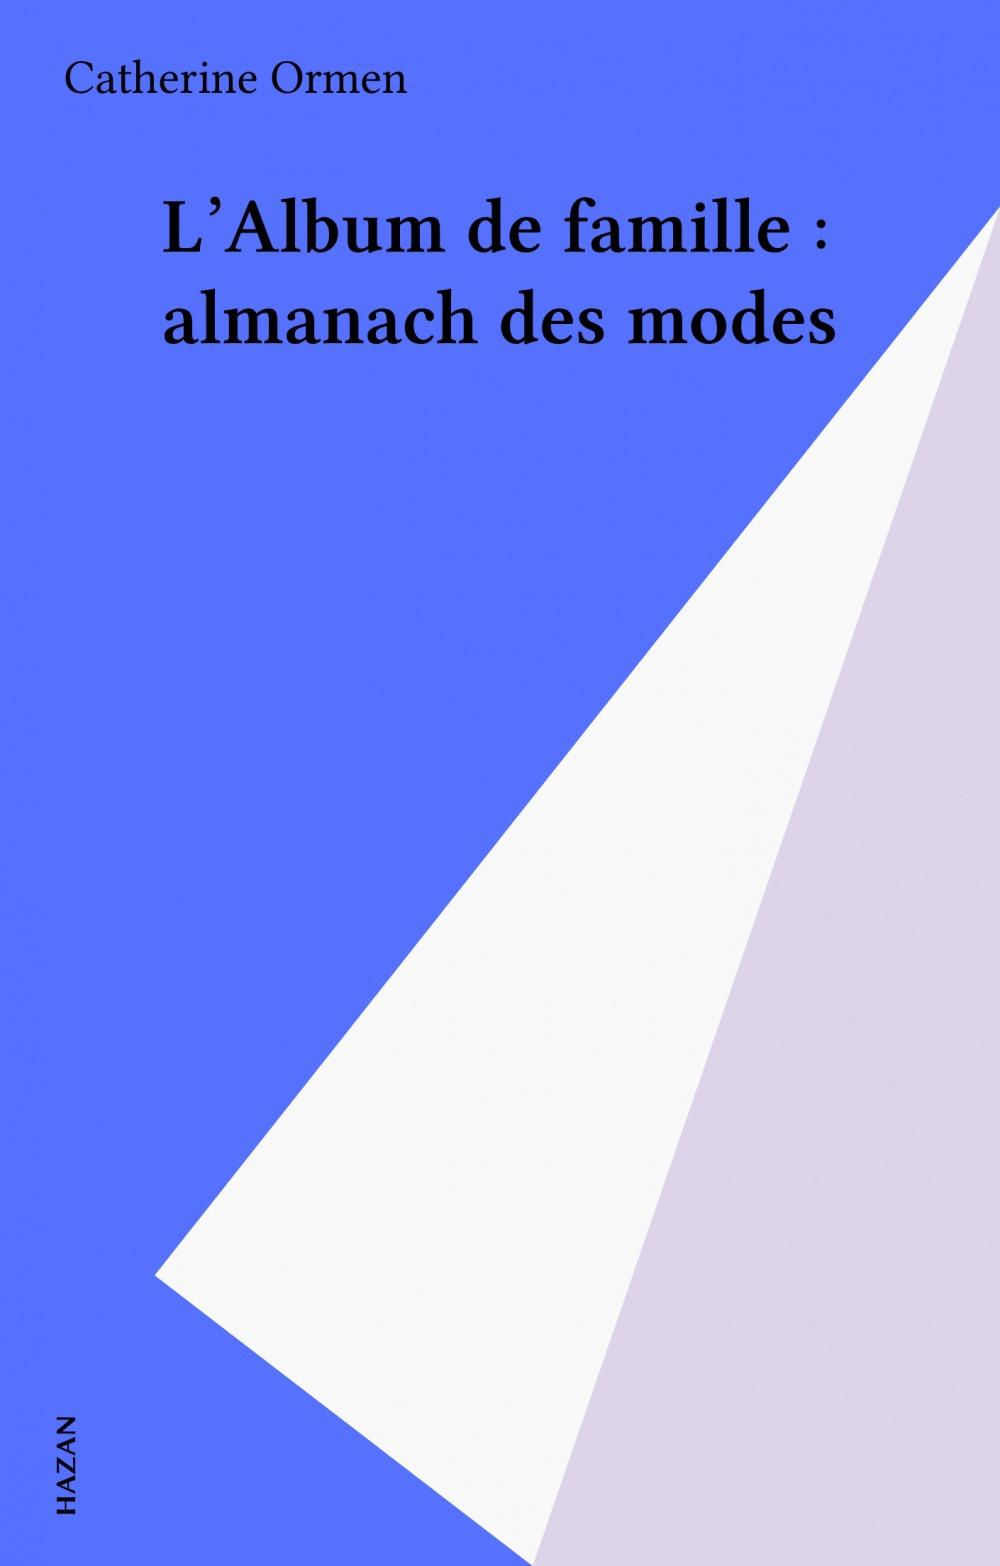 L'album de famille ; almanach des modes